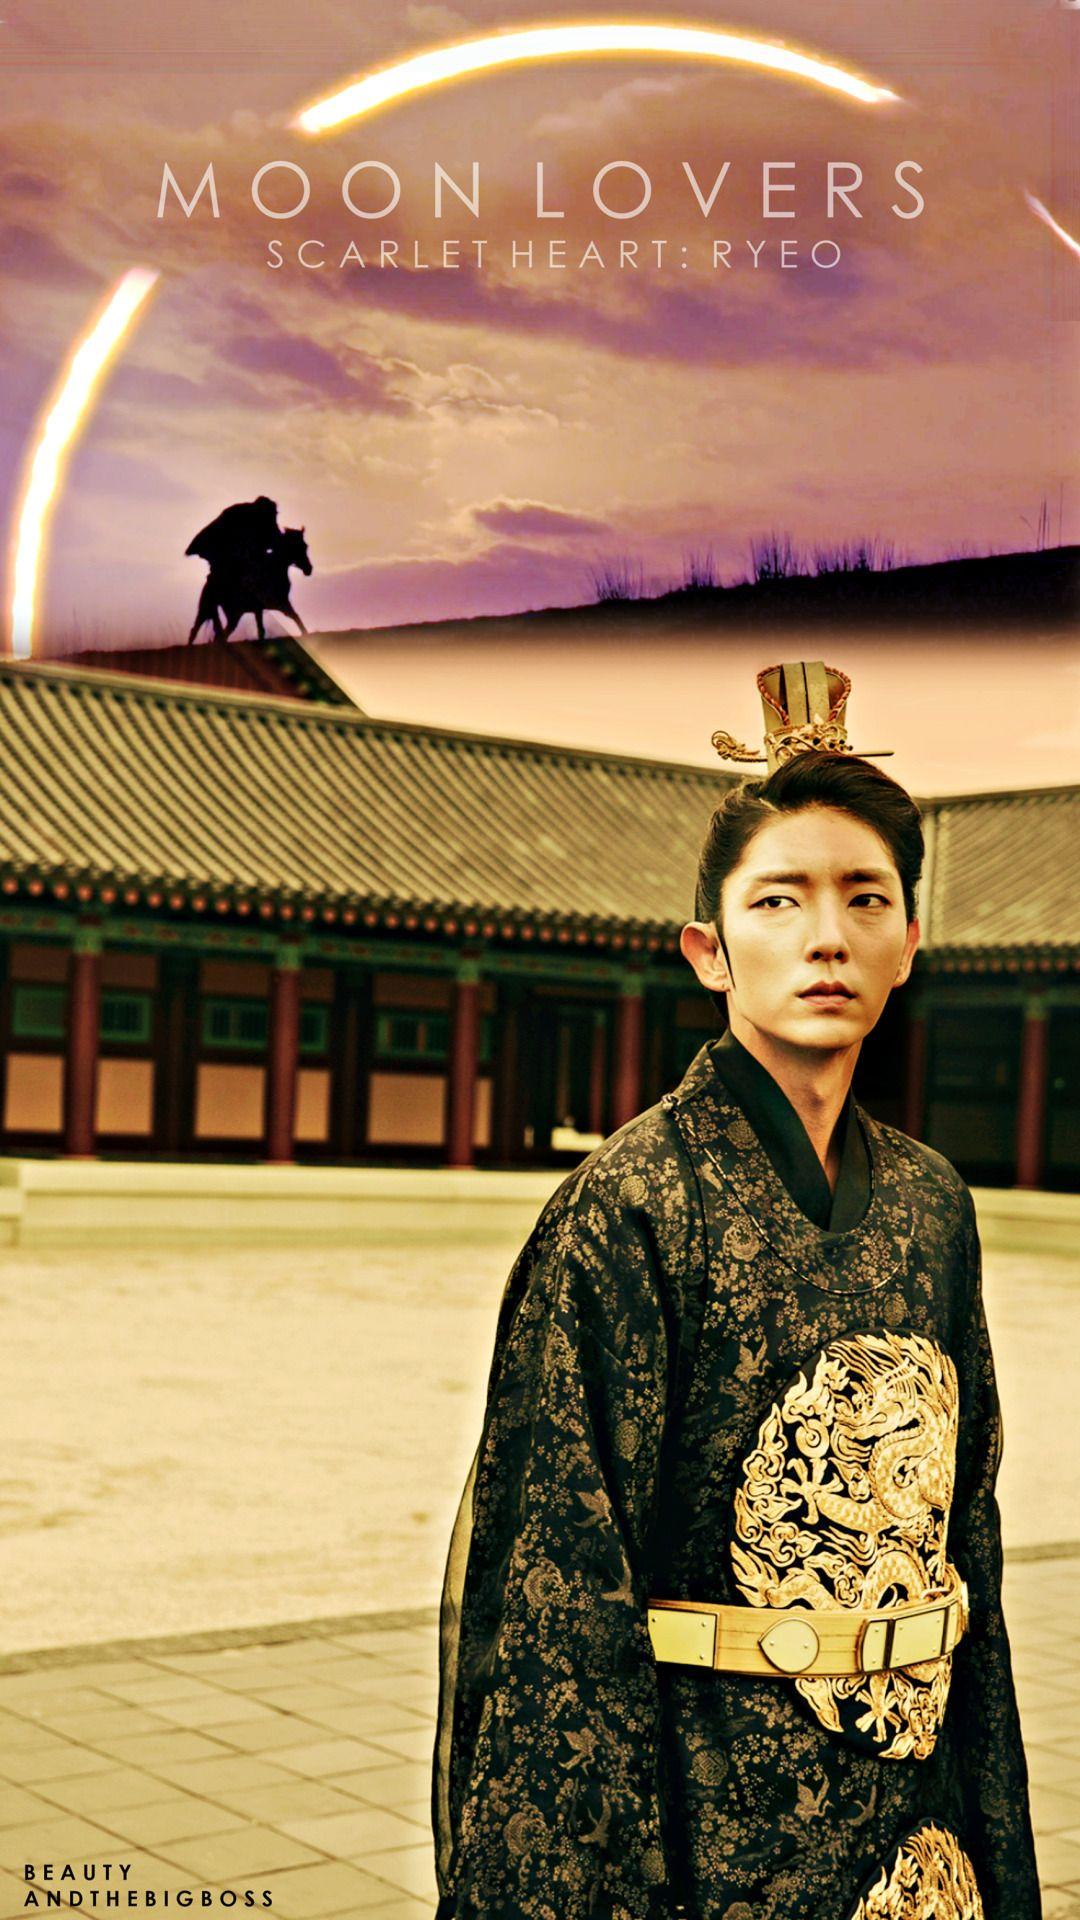 Scarlet Heart Ryeo Wang So Moon Lovers Drama Moon Lovers Scarlet Heart Ryeo Wallpaper